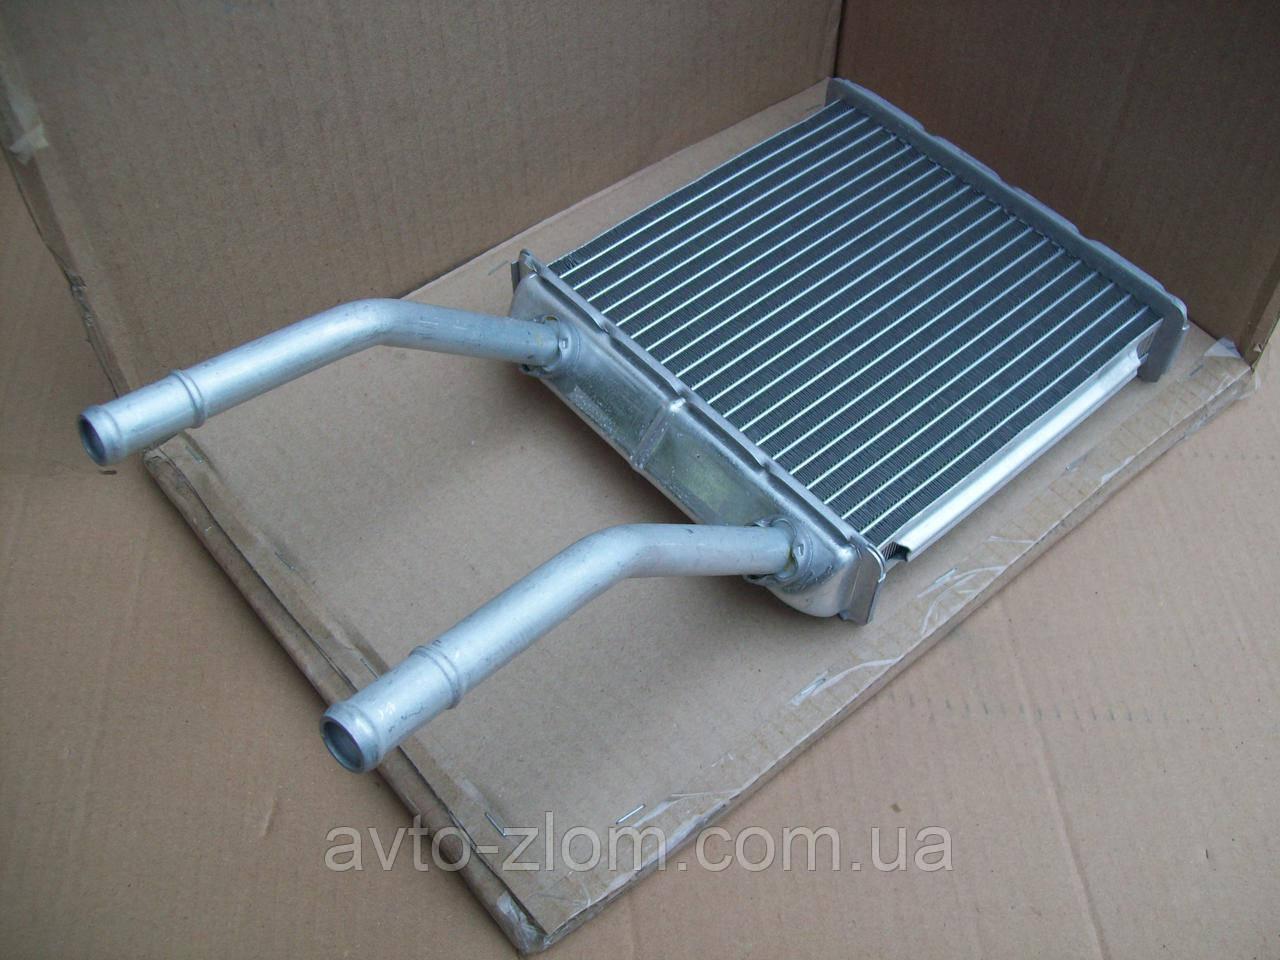 Радиатор печки (отопителя) Opel Vectra A, Опель Вектра A.